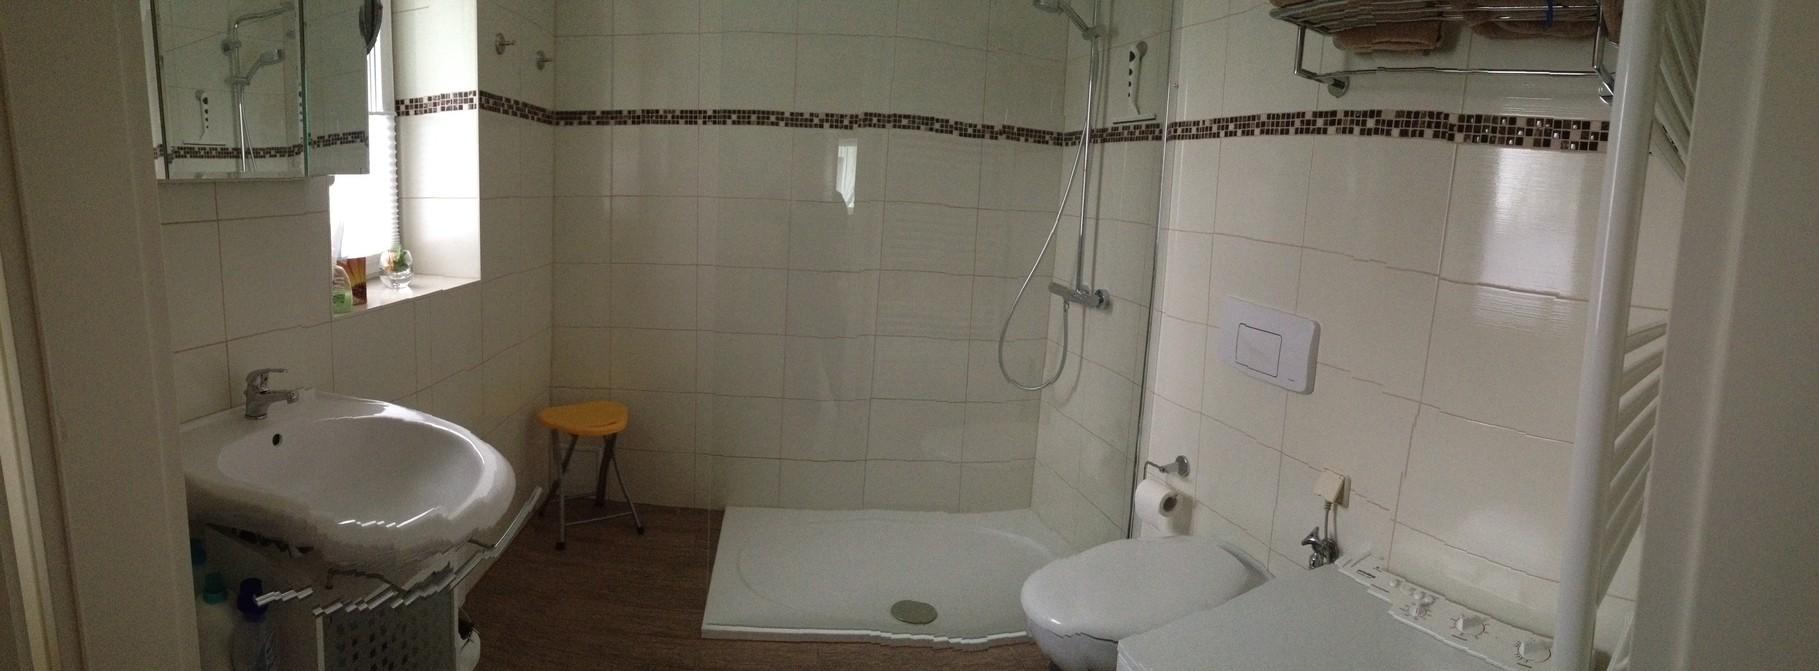 Badeziimer mit Dusche